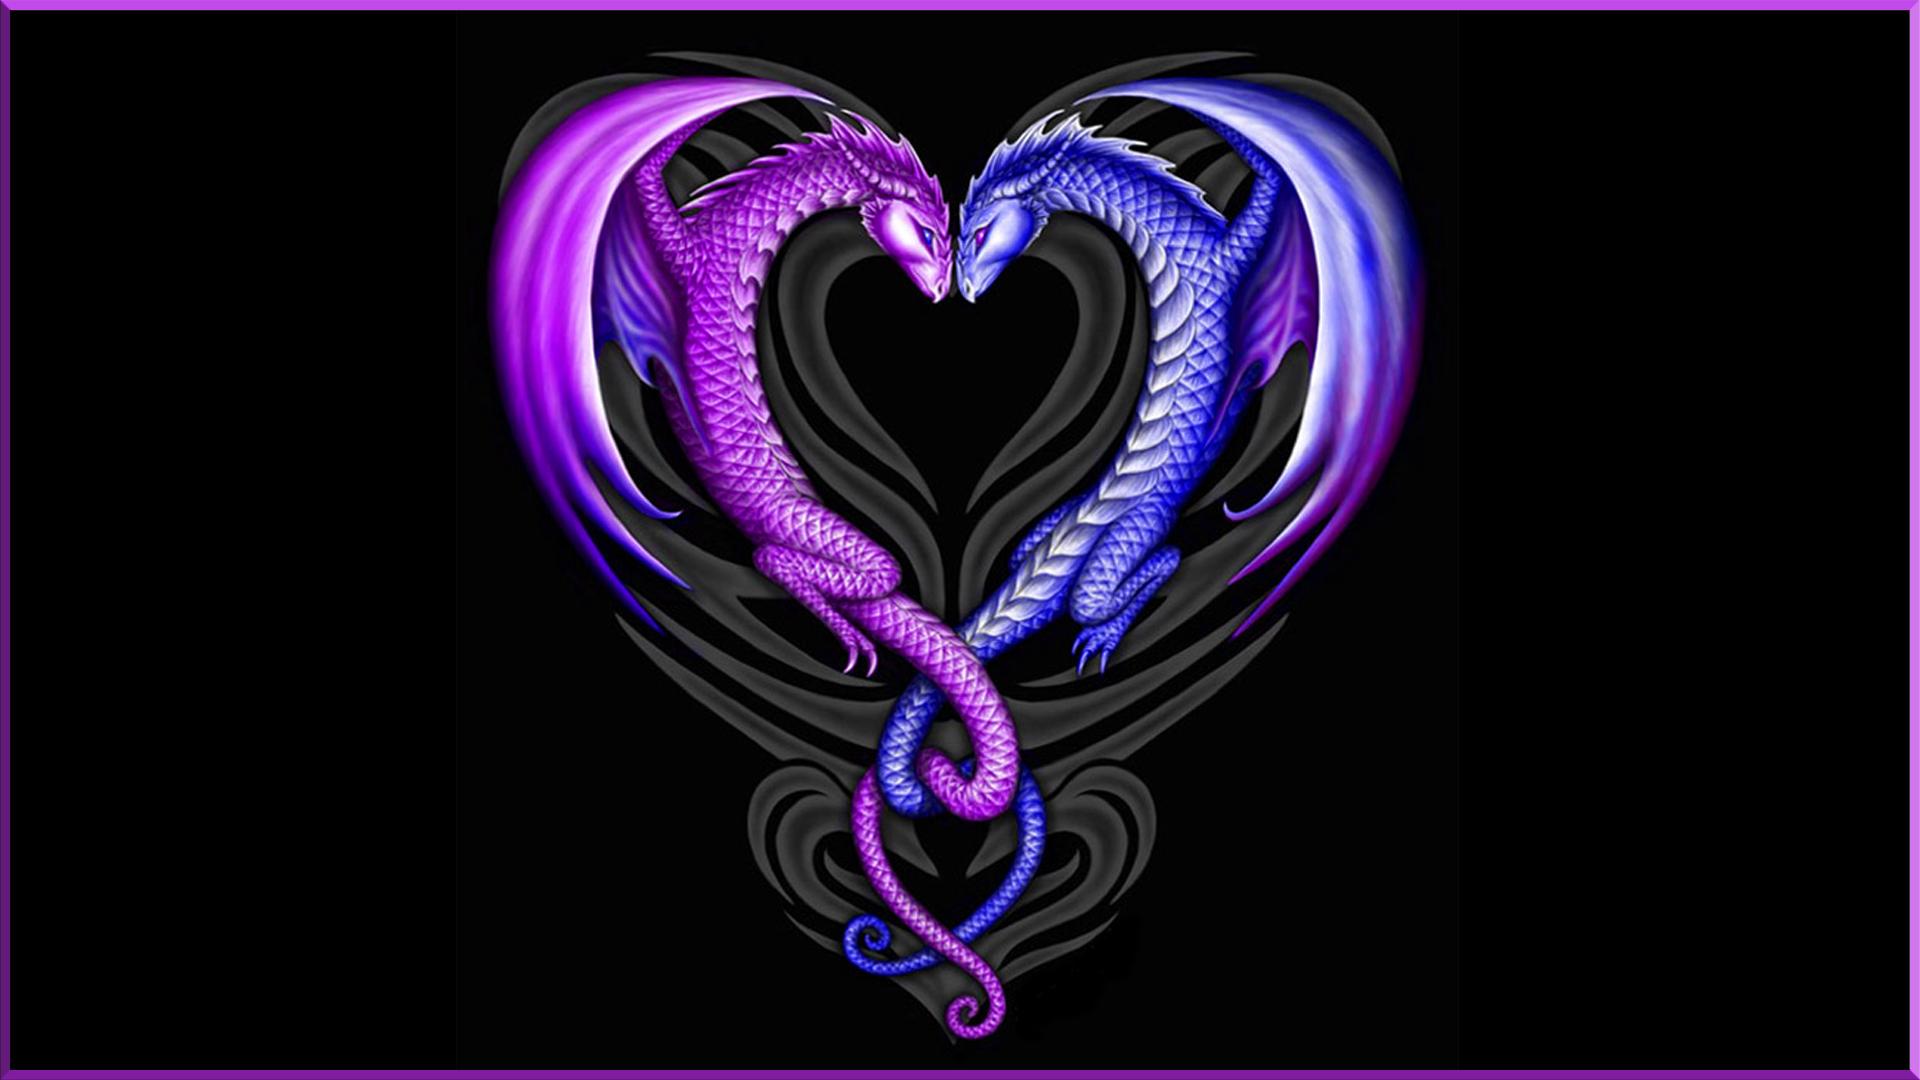 Cool Wallpapers of Dragons - WallpaperSafari